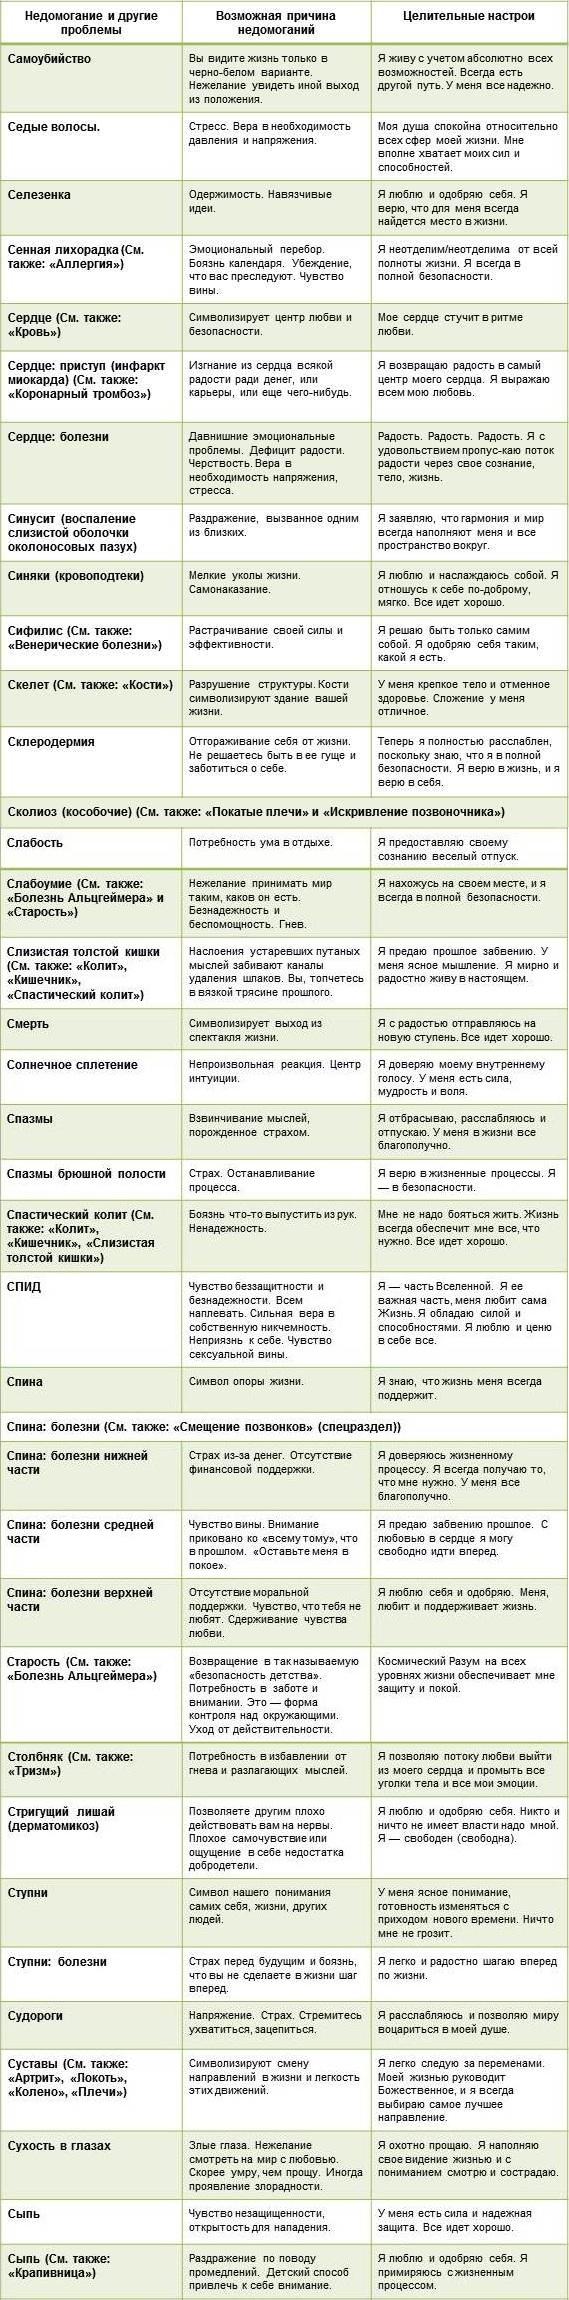 хей-таблица-болезней-С